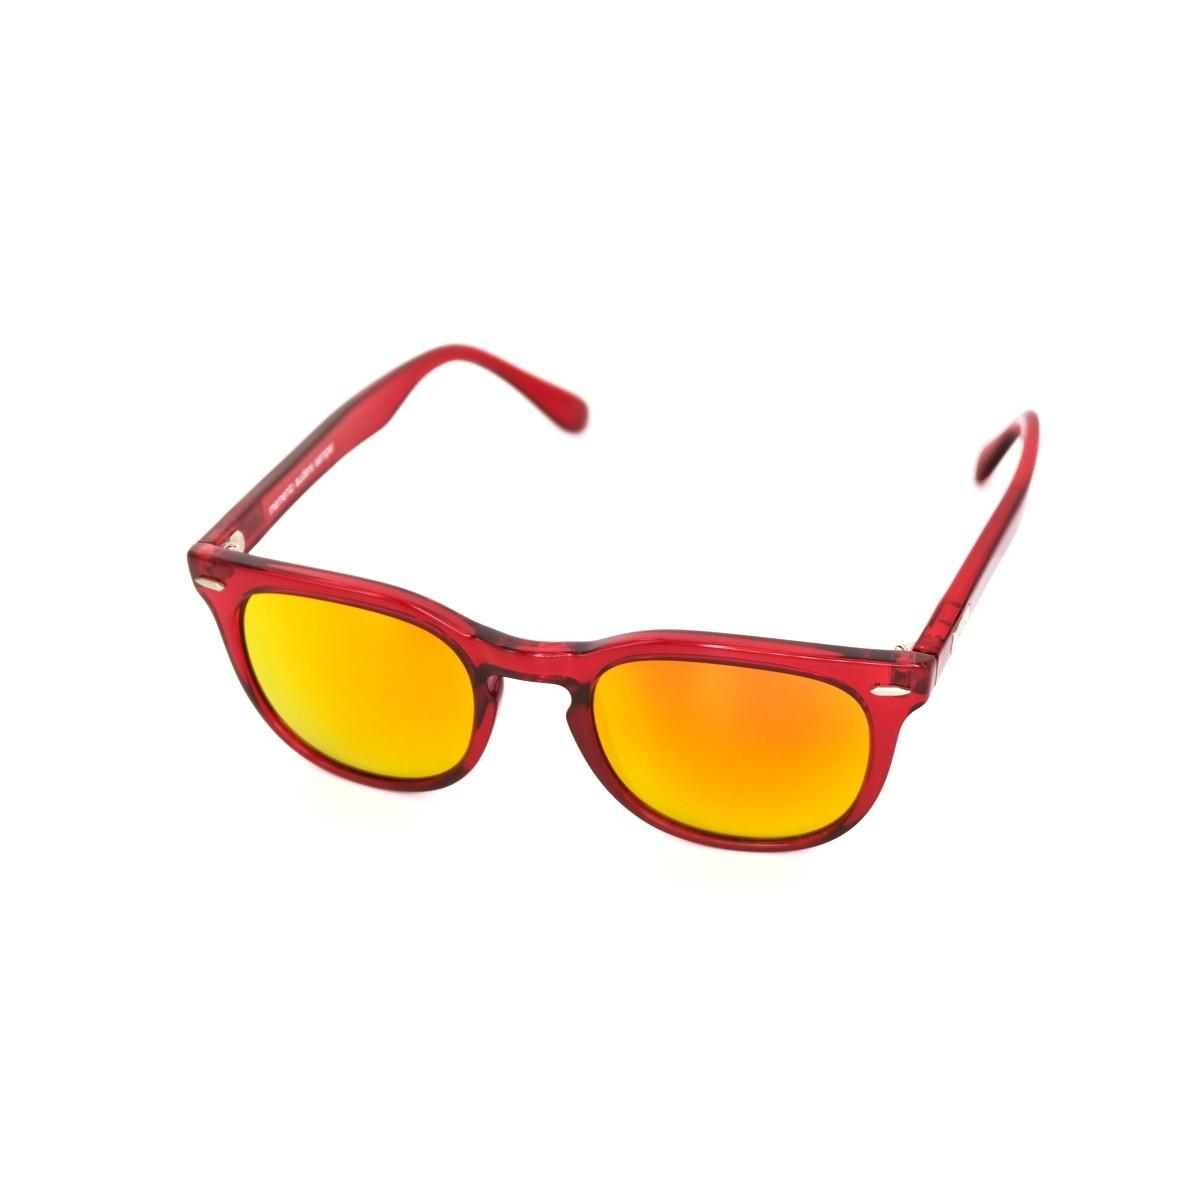 Spektre Memento rosso arancio specchio, 72,00€, Occhiali Spektre Rosso a forma Squadrato